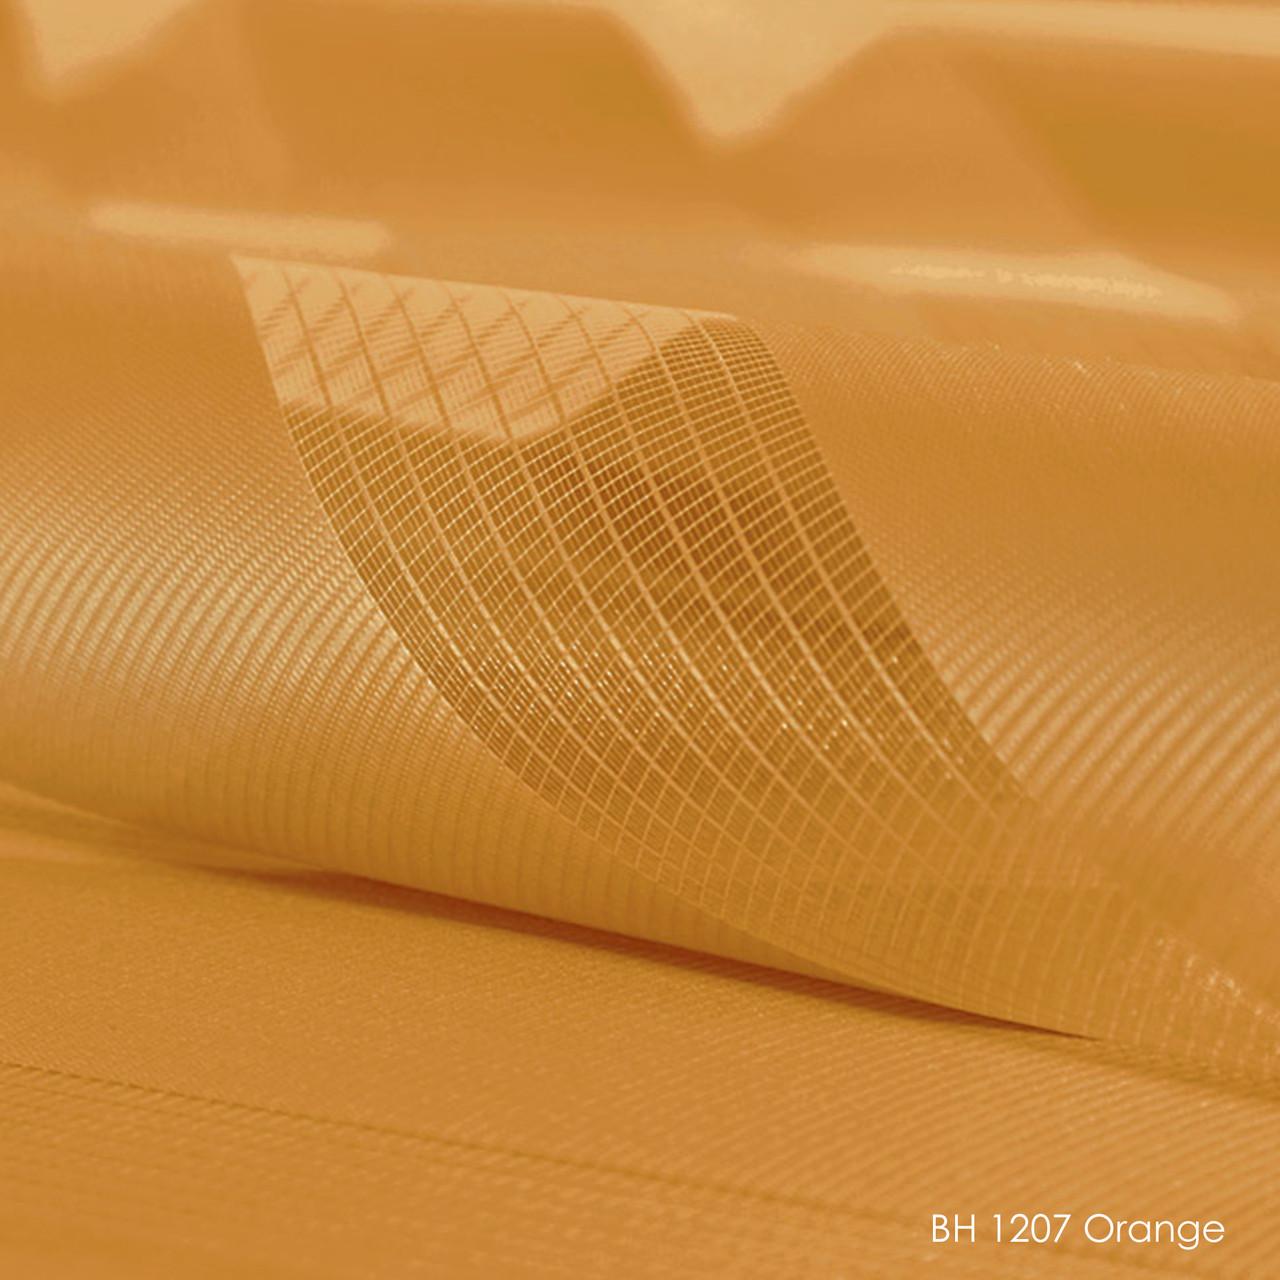 BH1207-orange